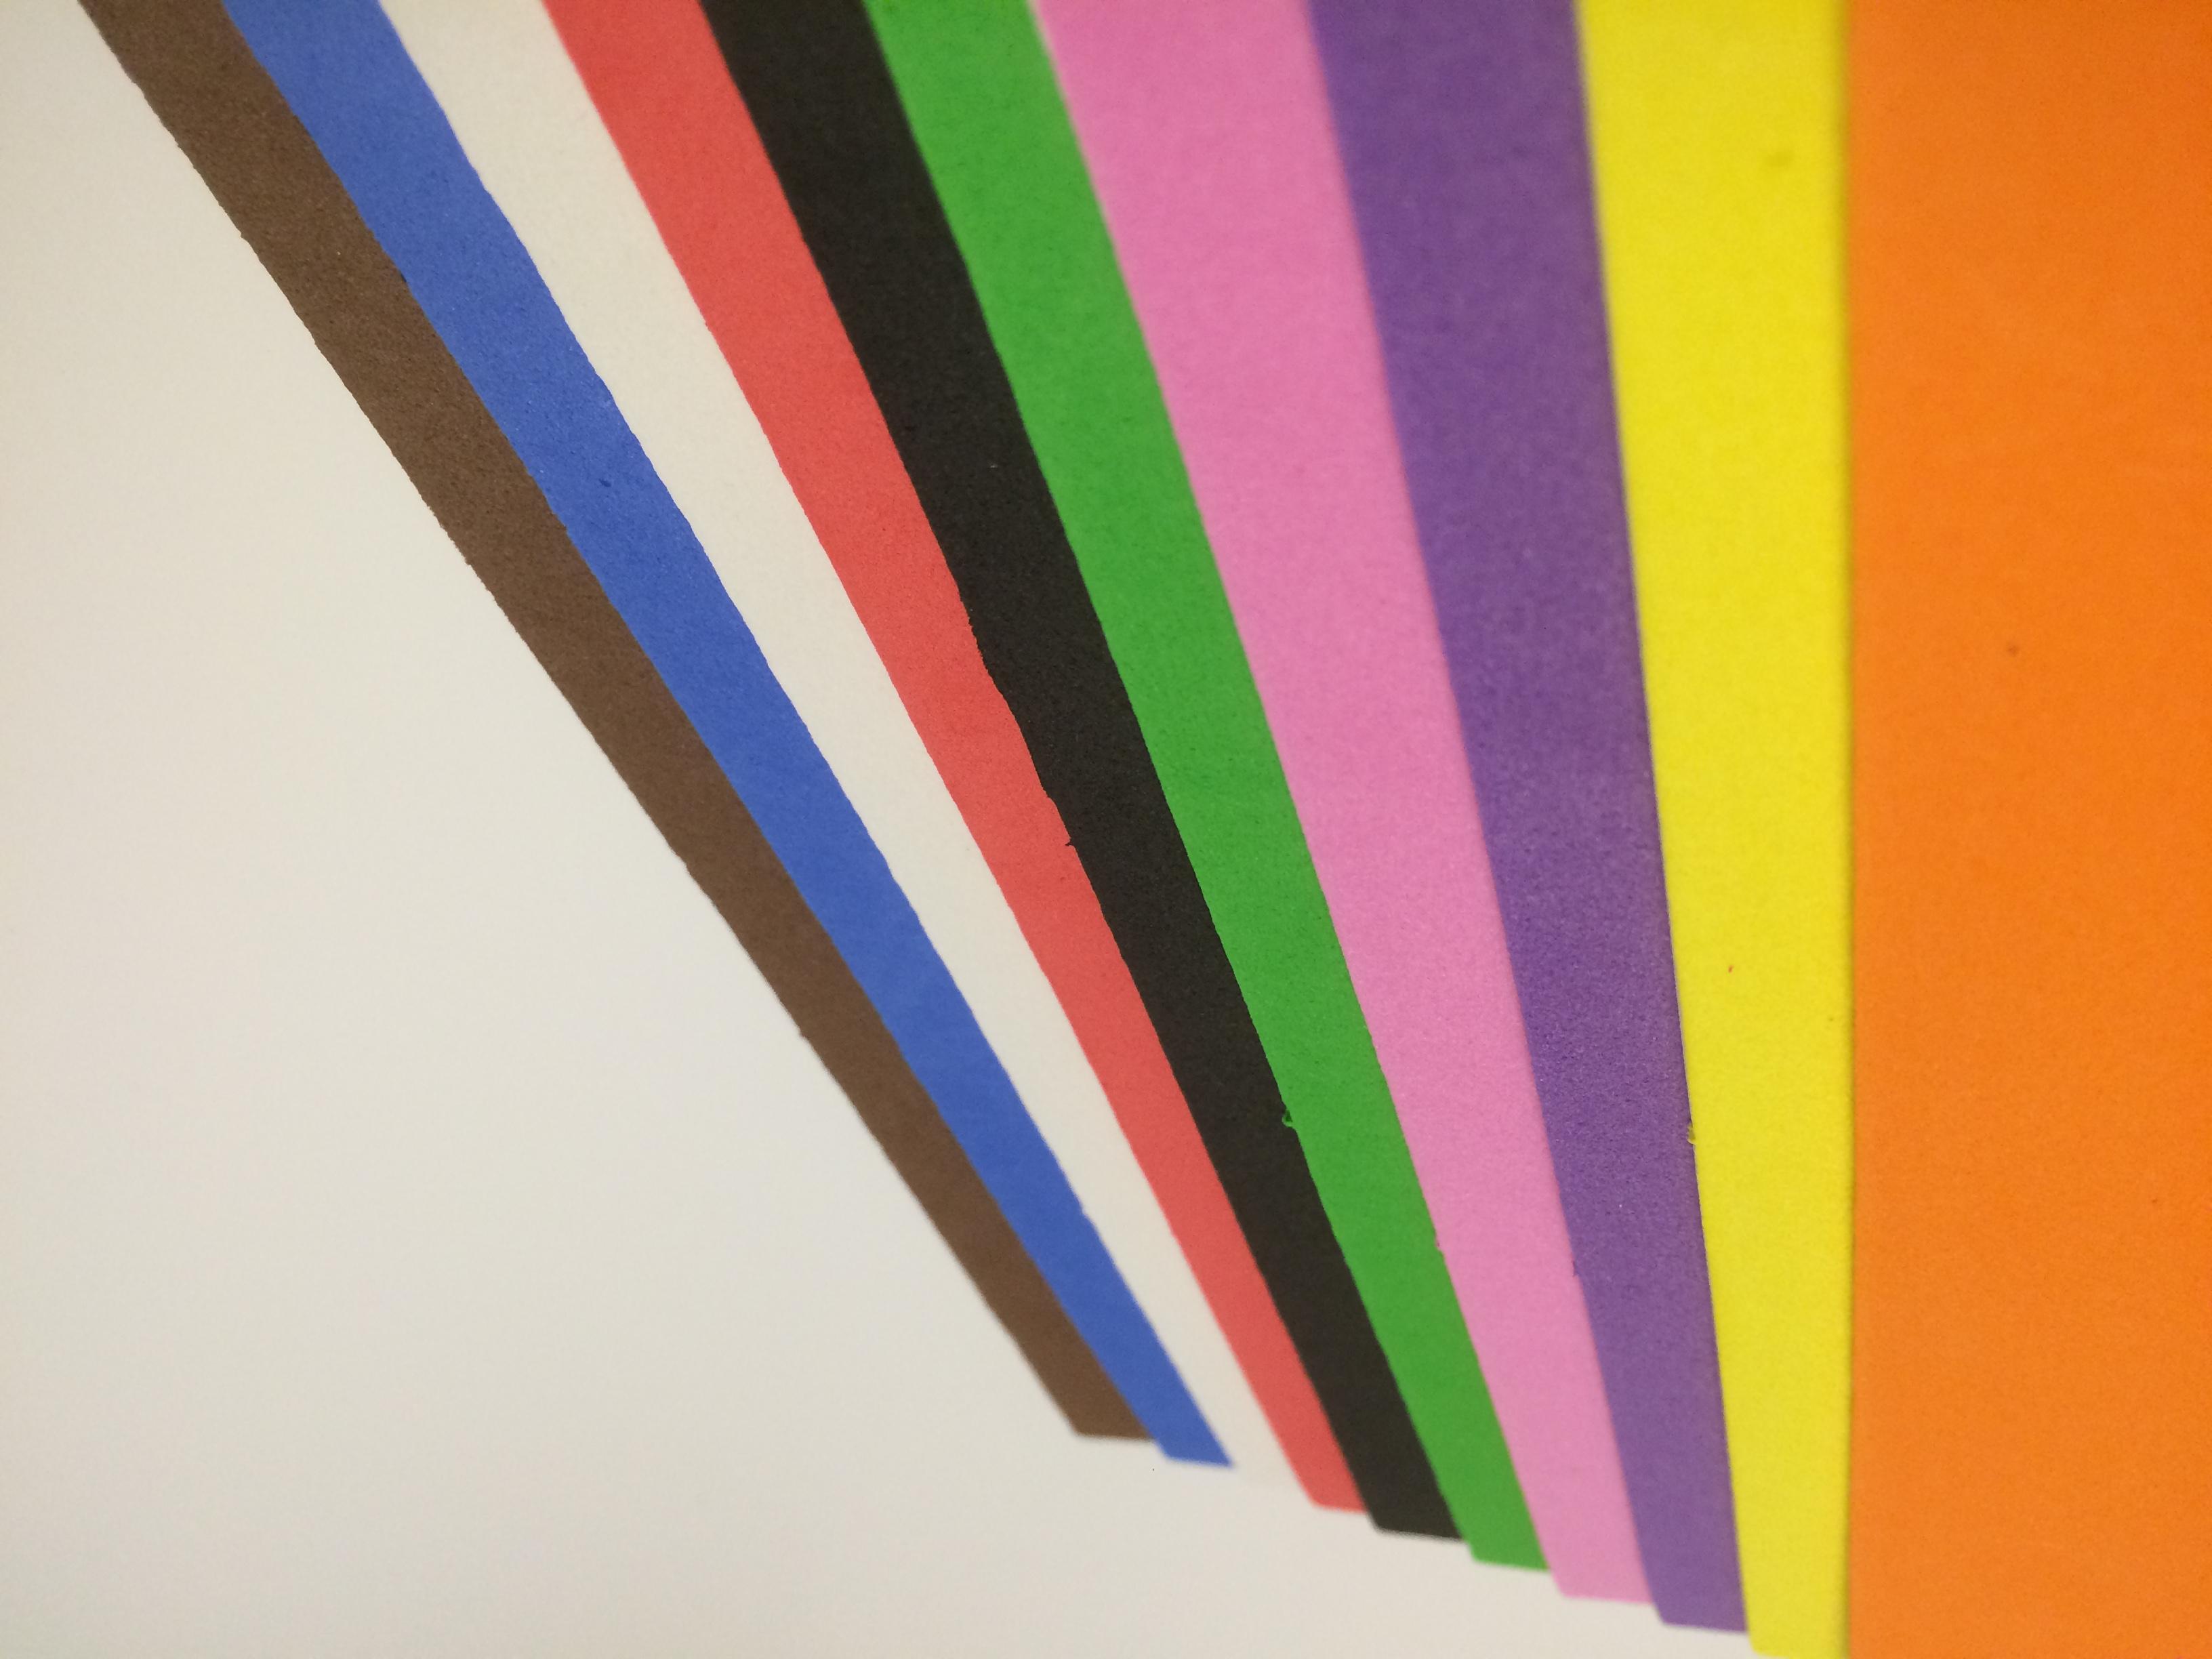 儿童手工创意粘贴类剪裁eva环保材料彩色泡沫贴纸压花20张包邮中